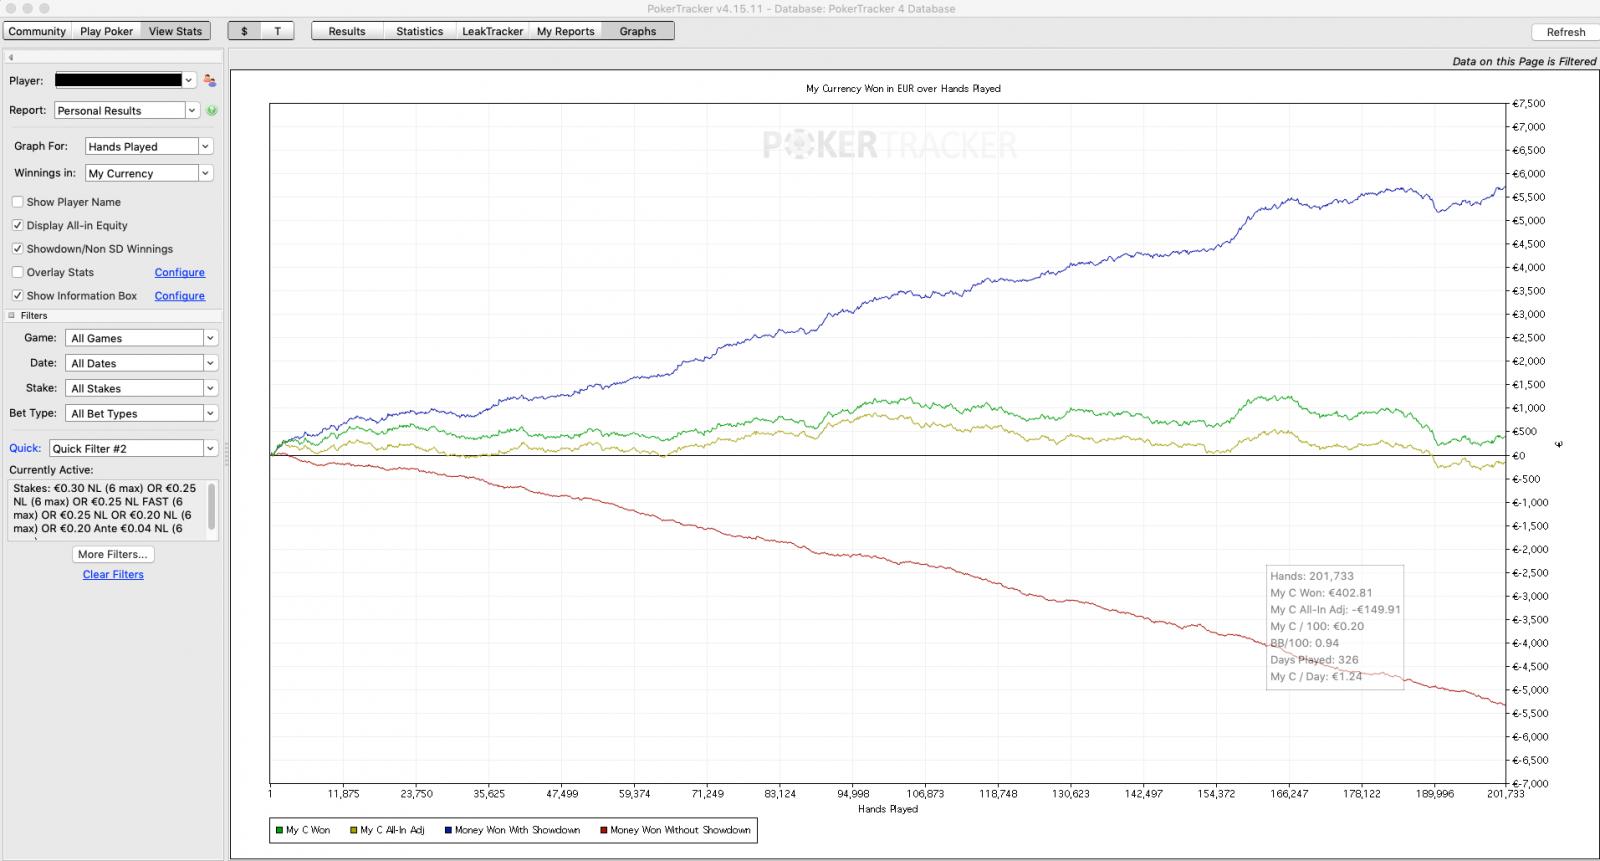 Graph.thumb.png.8caab098fa3cdc11045280d4e76c7050.png